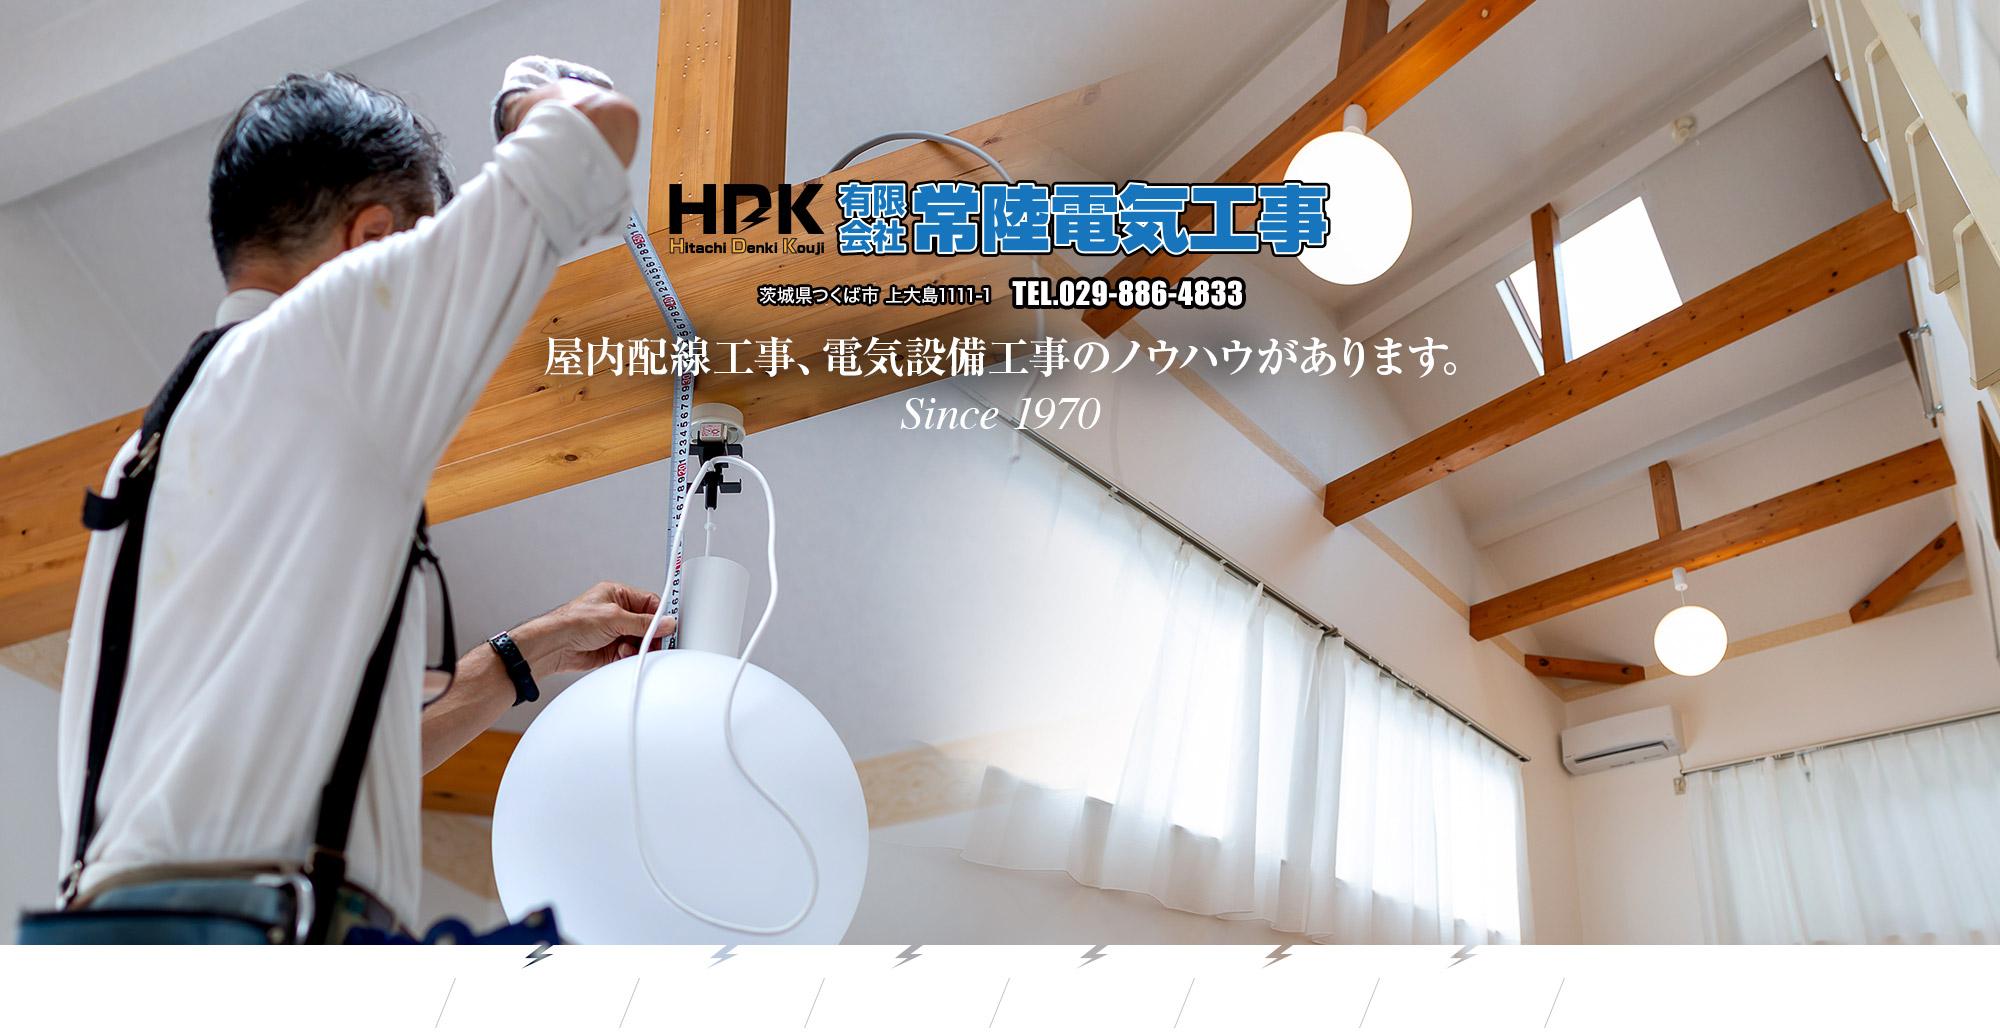 屋内配線工事、電気設備工事のノウハウがあります。